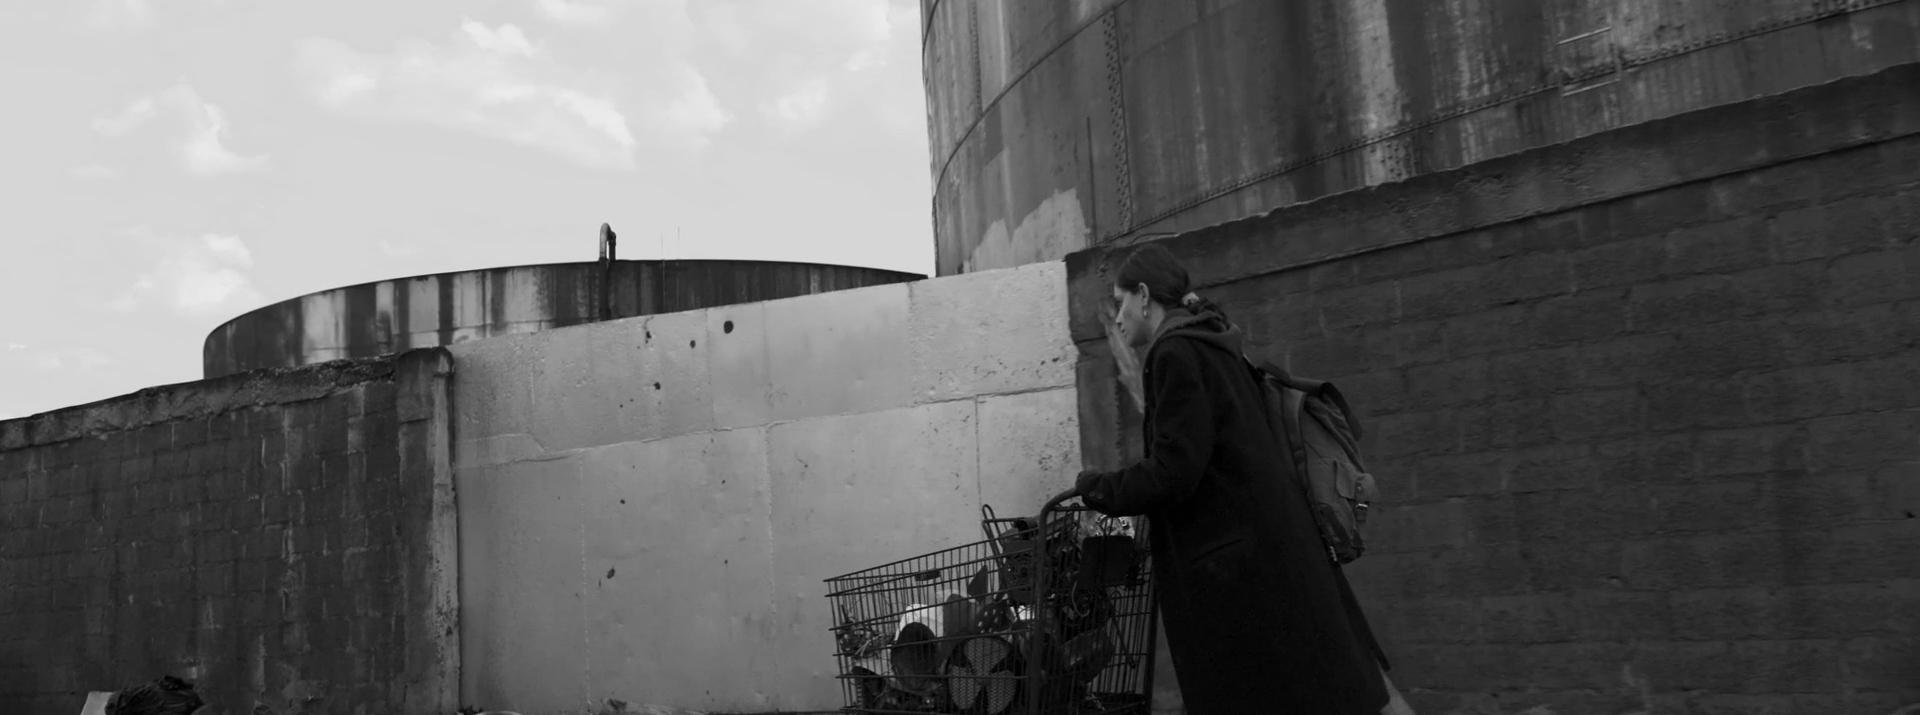 """""""El país de las últimas cosas"""", de Alejandro Chomski, basada en la novela homónima de Paul Auster"""